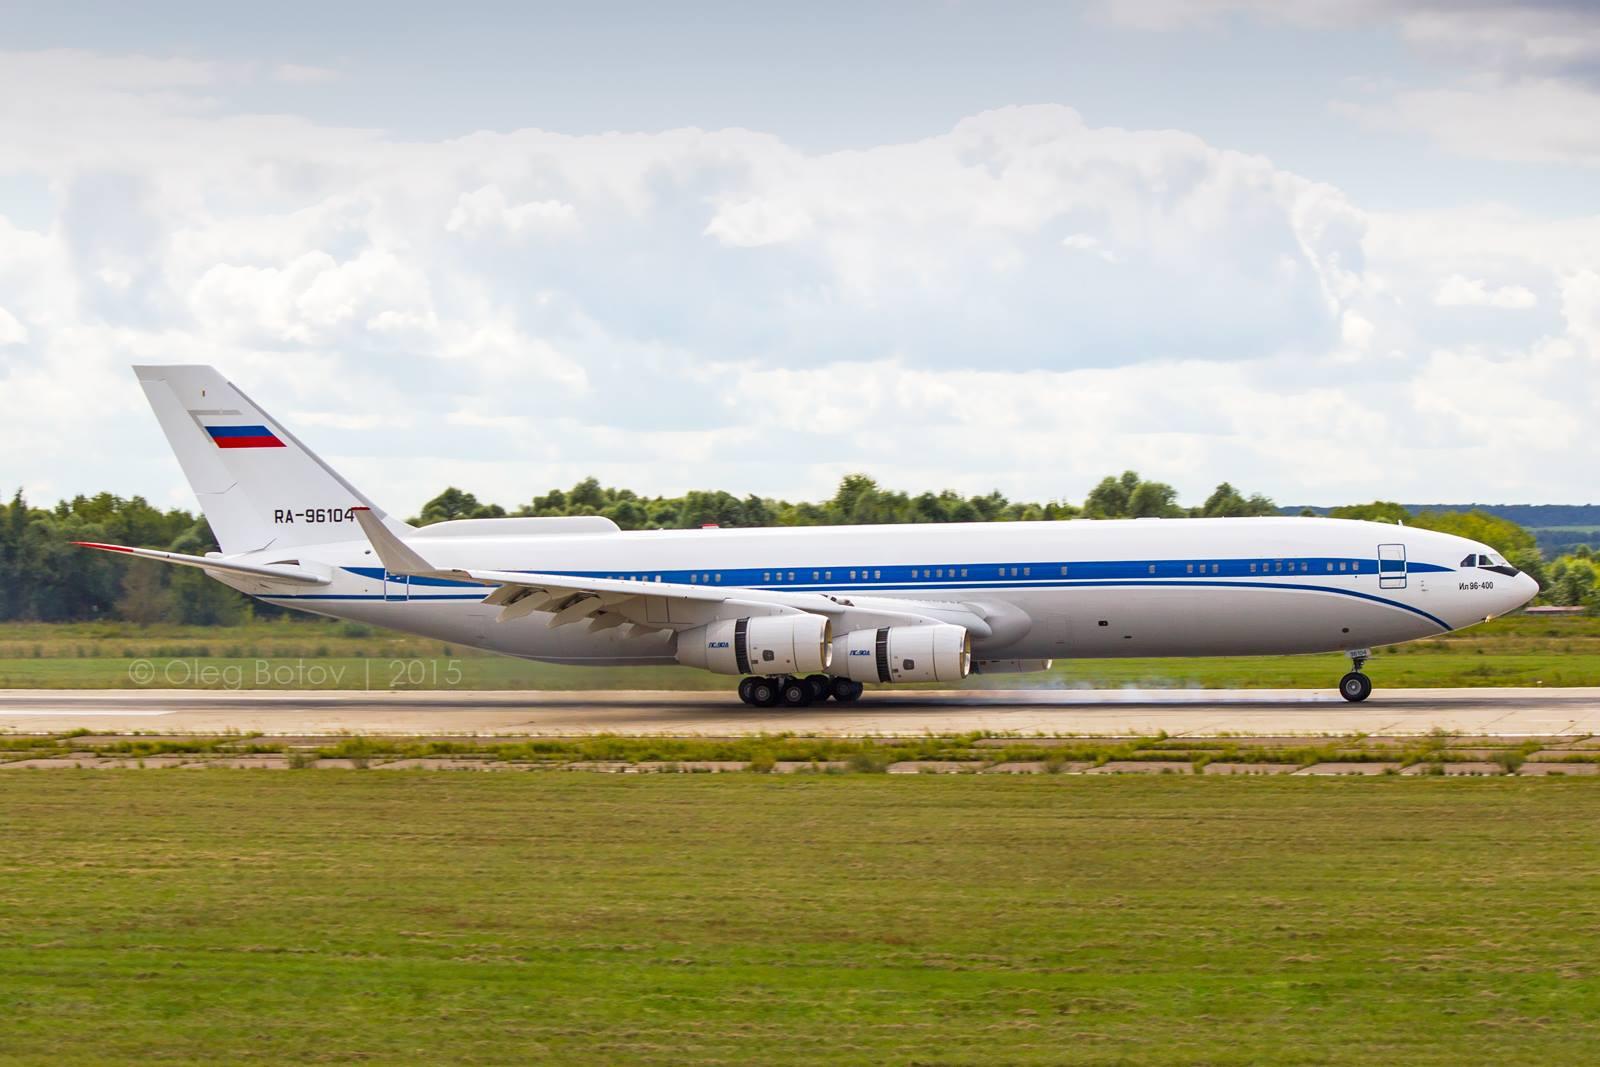 Jelentősen átalakult a teherszállító Il-96-os. (Fotó: Oleg Botov - a szerző engedélyével.) | © AIRportal.hu